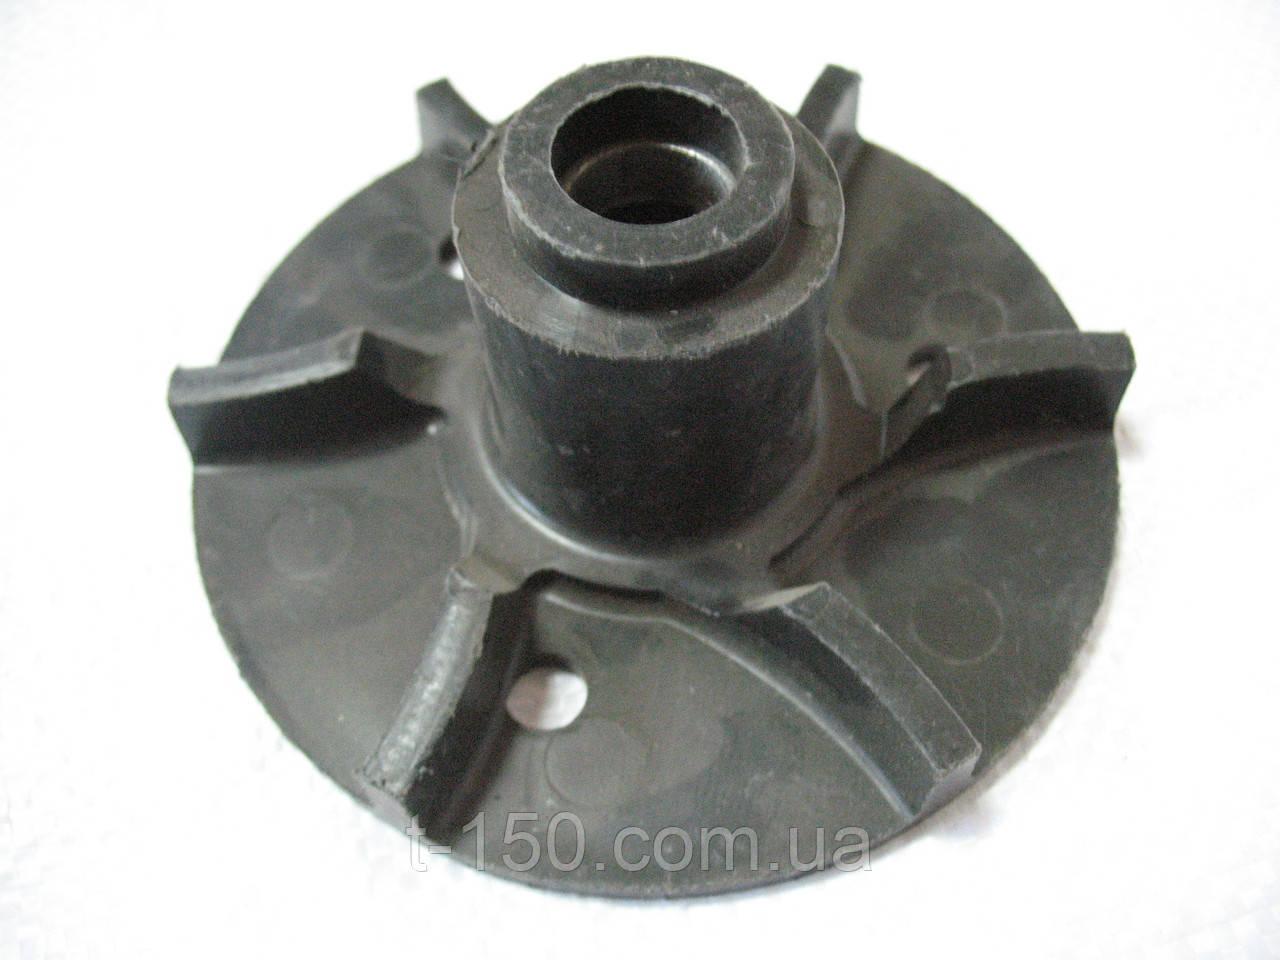 Крыльчатка водяного насоса СМД-60 (нового образца) (72-13104,00)